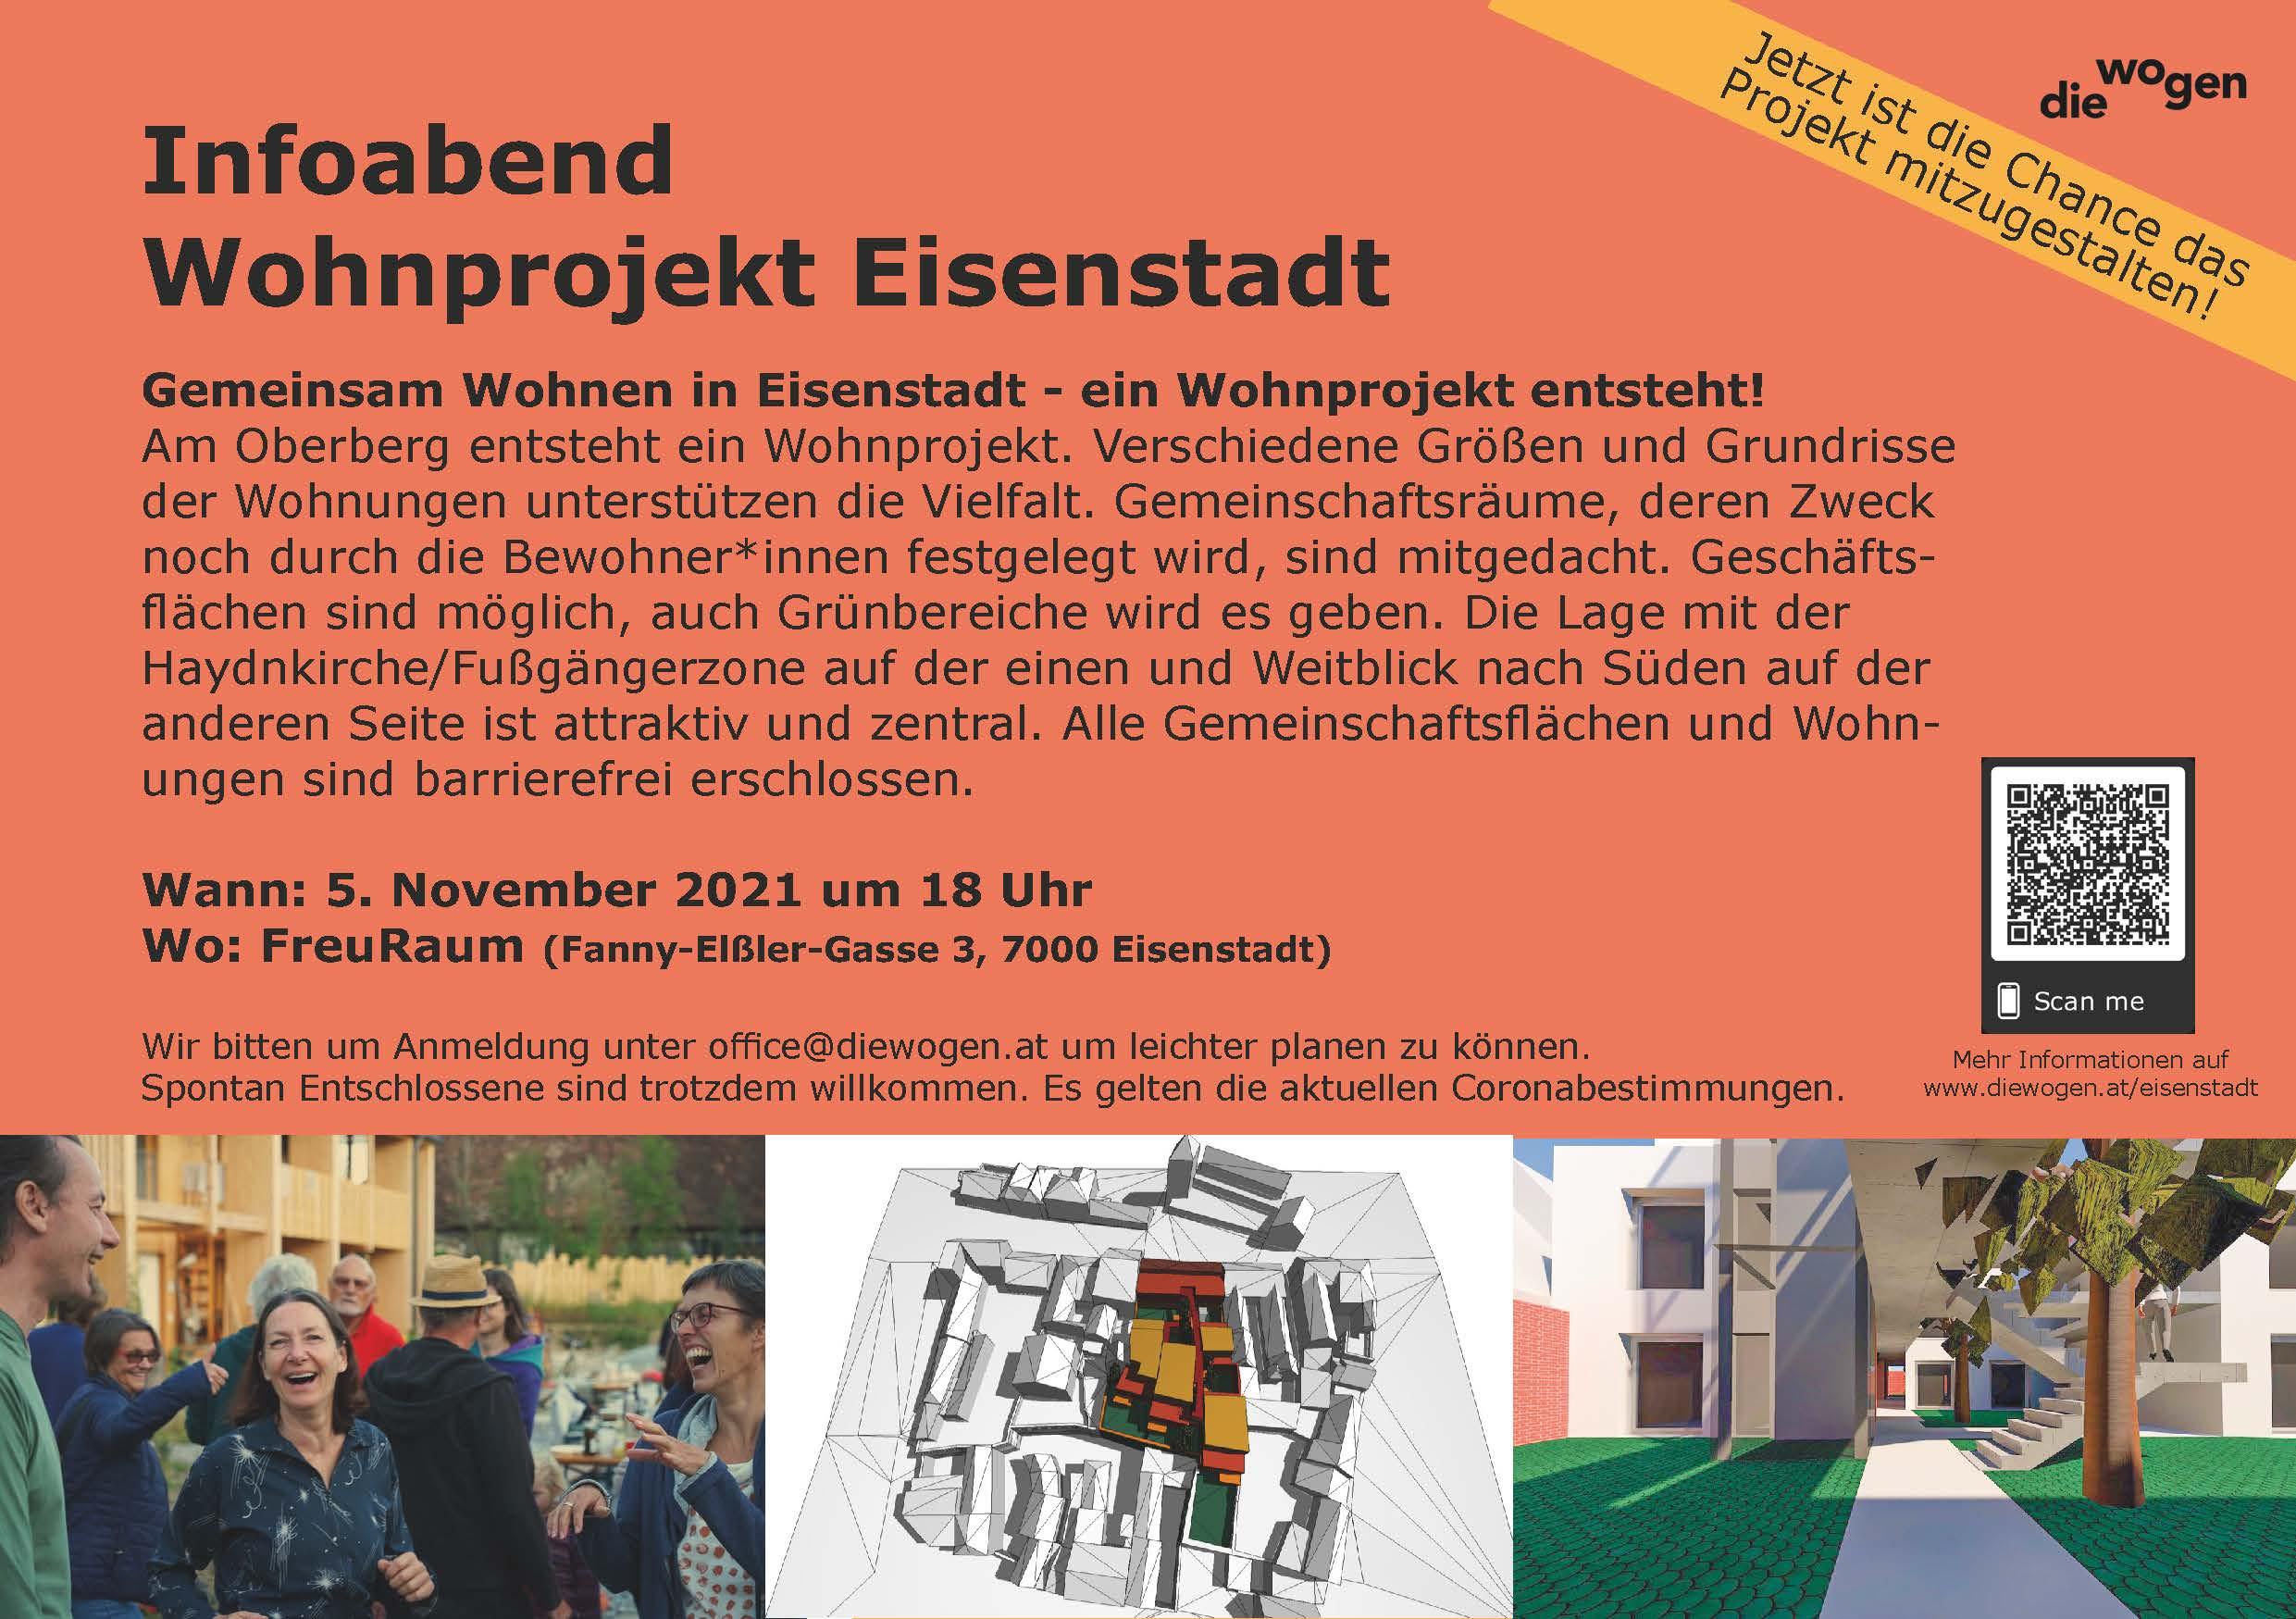 Infoabend Wohnprojekt Eisenstadt am 5.11.21, 18h